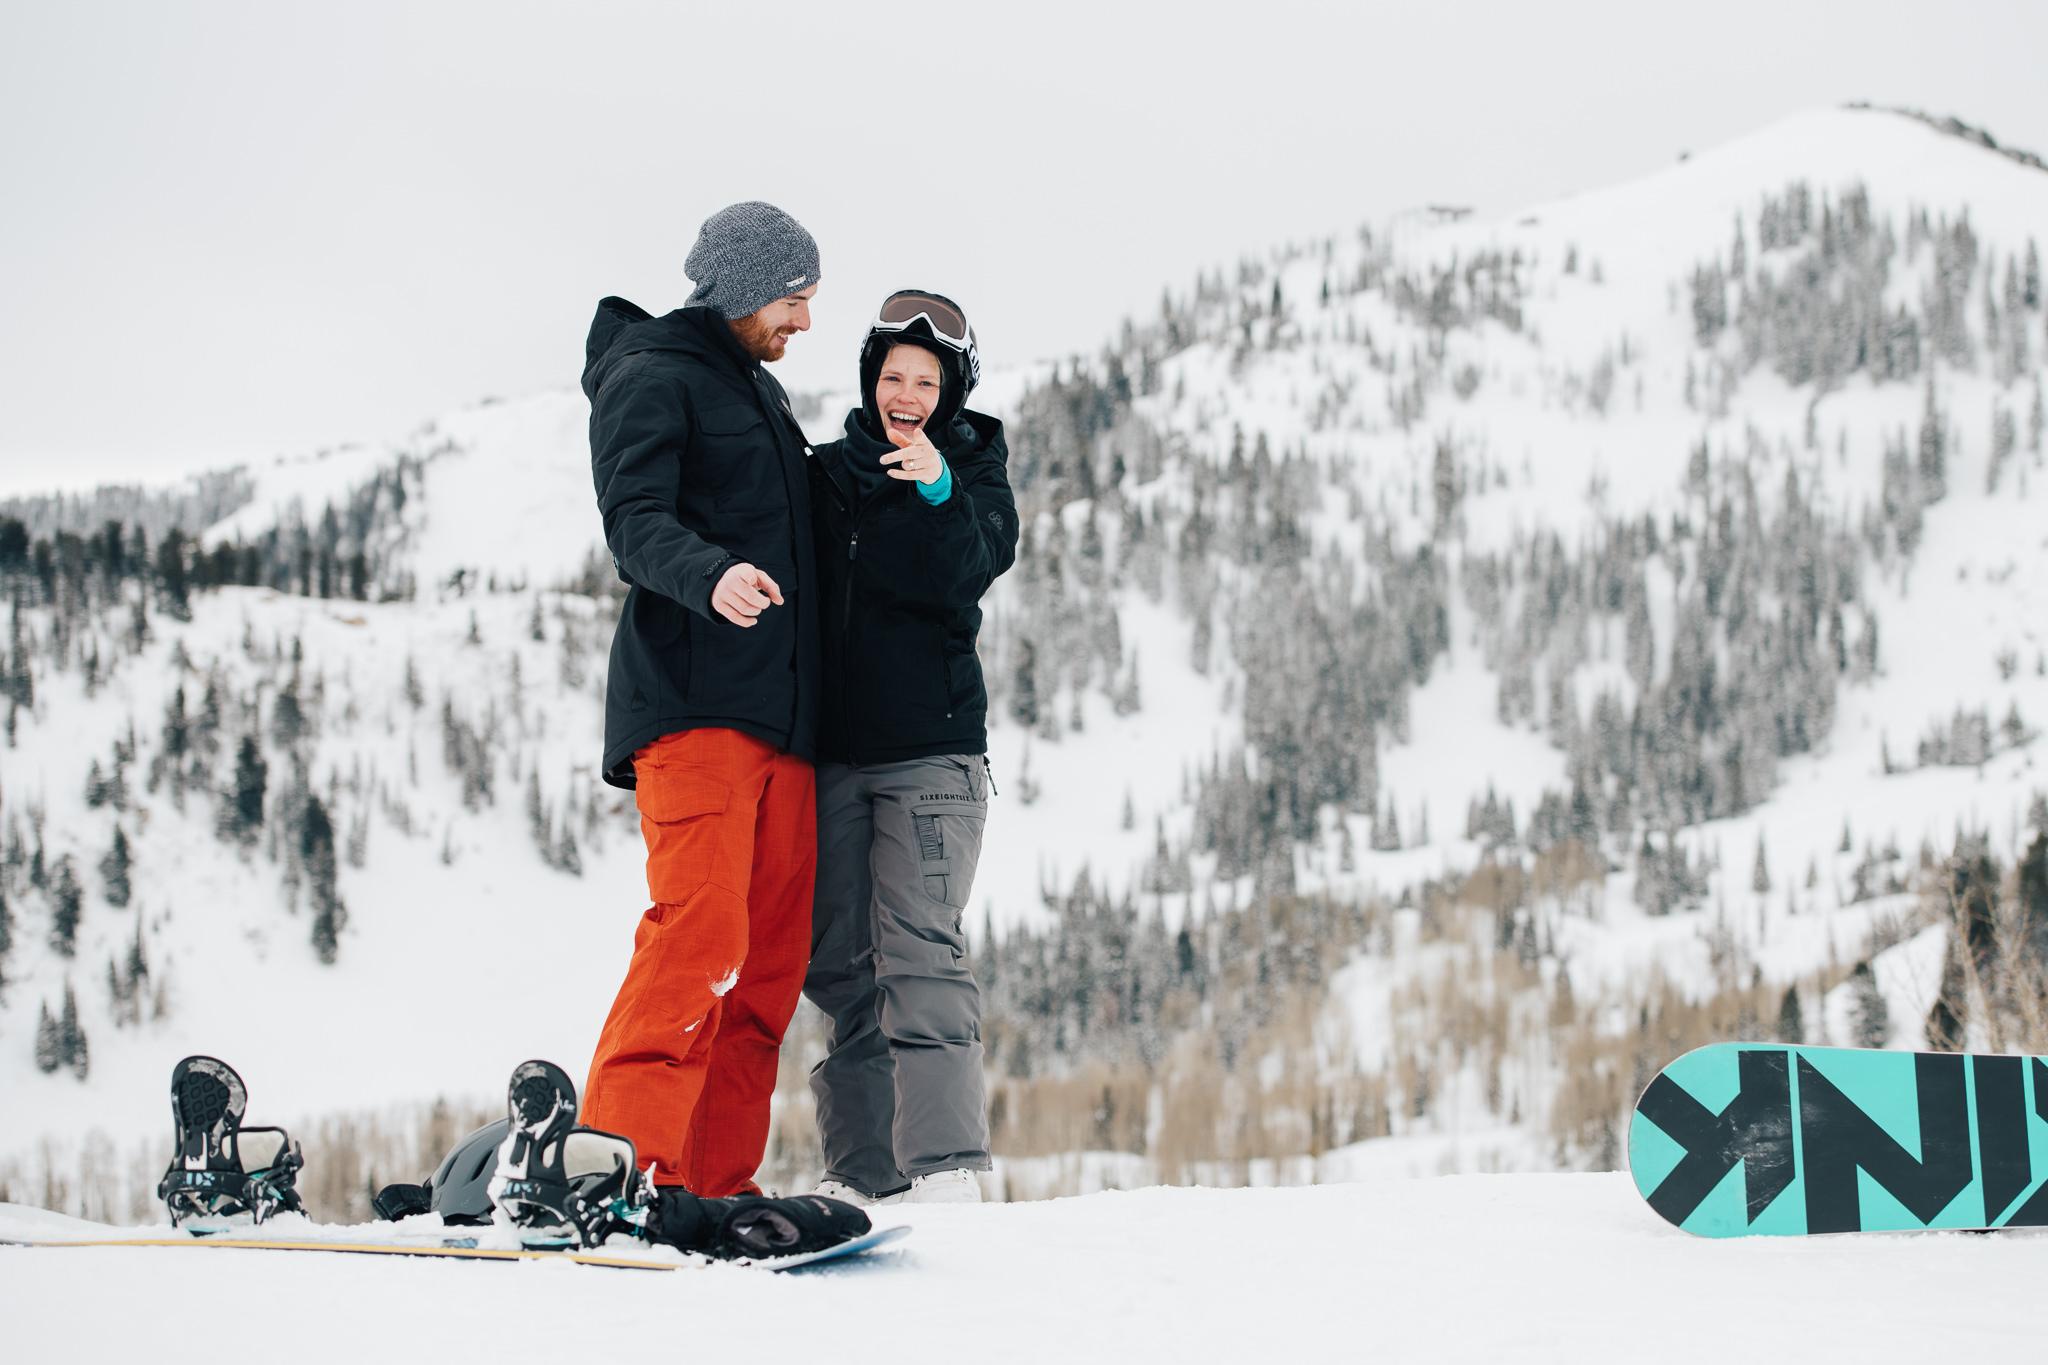 028_ONL_Drew_Emily_Proposal_Trevor_Hooper_Photo.jpg